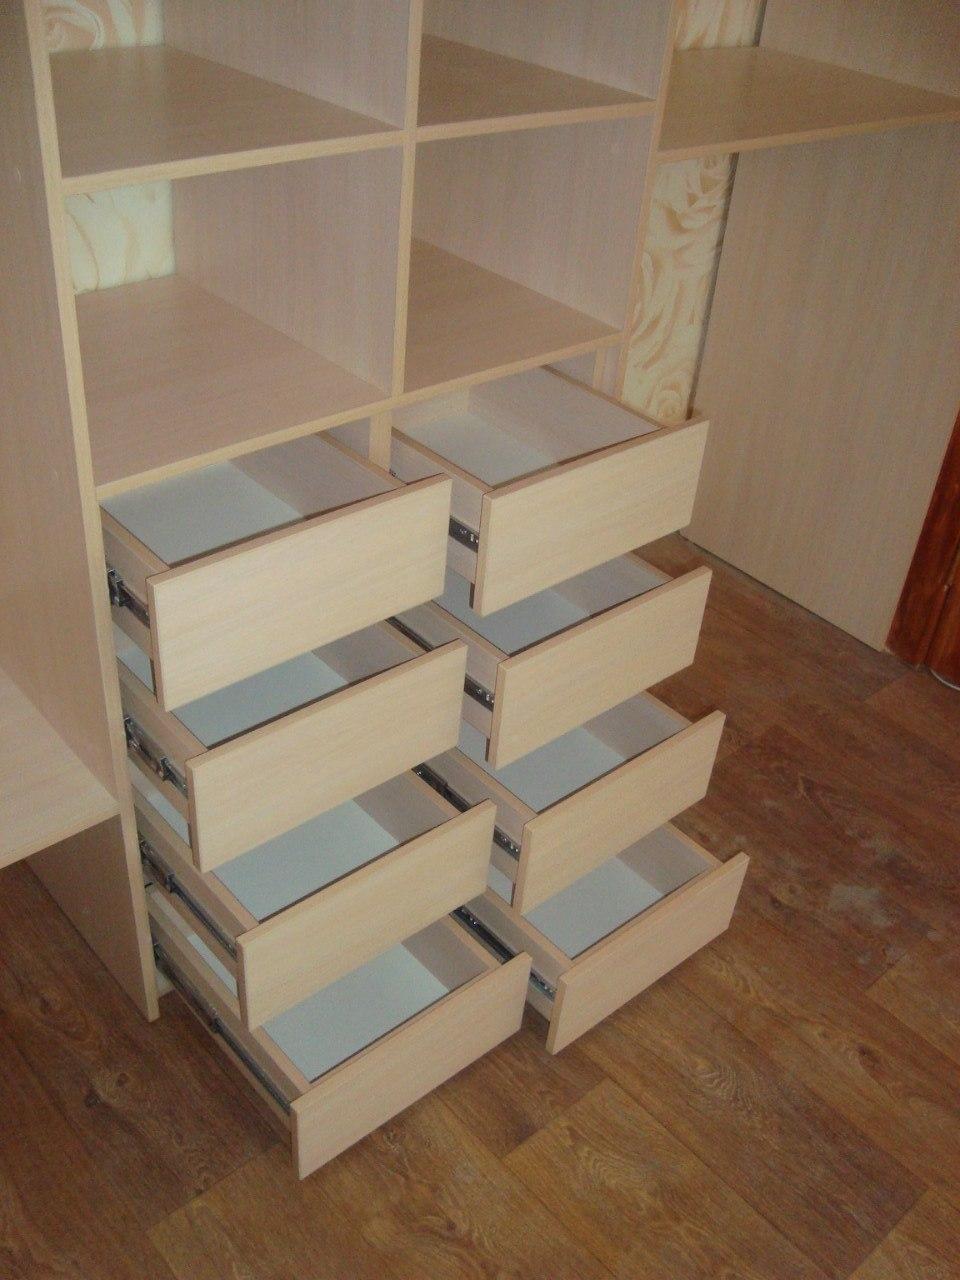 В этом шкафу достаточно много полок и выдвижных ящиков